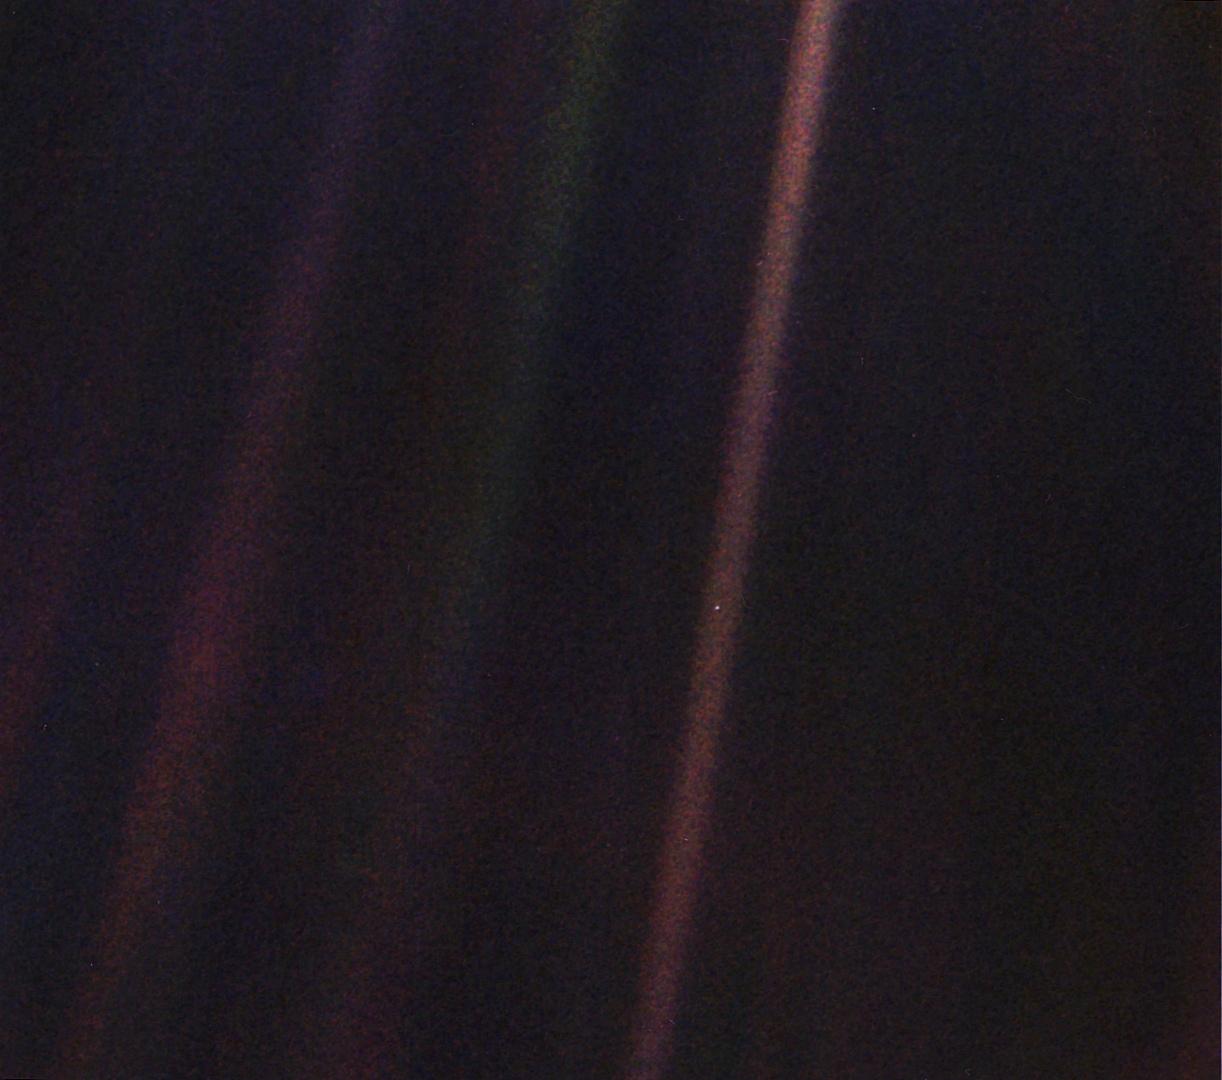 Крошечная точка посередине коричневатой полосы справа — Земля с расстояния 6 миллиардов километров